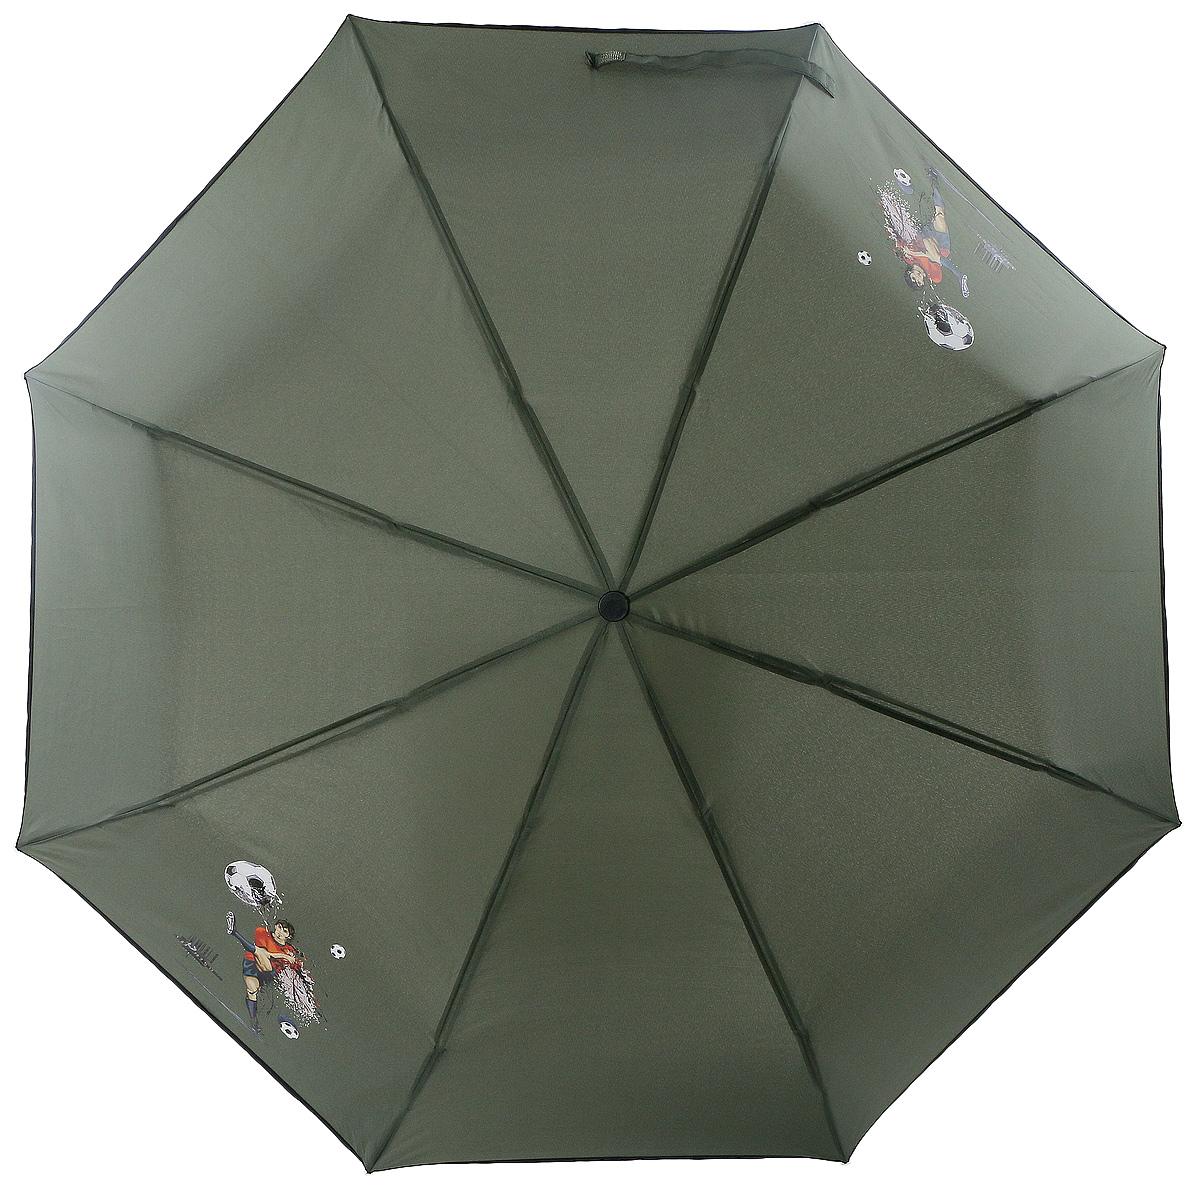 Зонт ArtRain, механический, 3 сложения, цвет: зеленый. 3517-1731 зонт artrain механический 3 сложения цвет синий 3517 1732